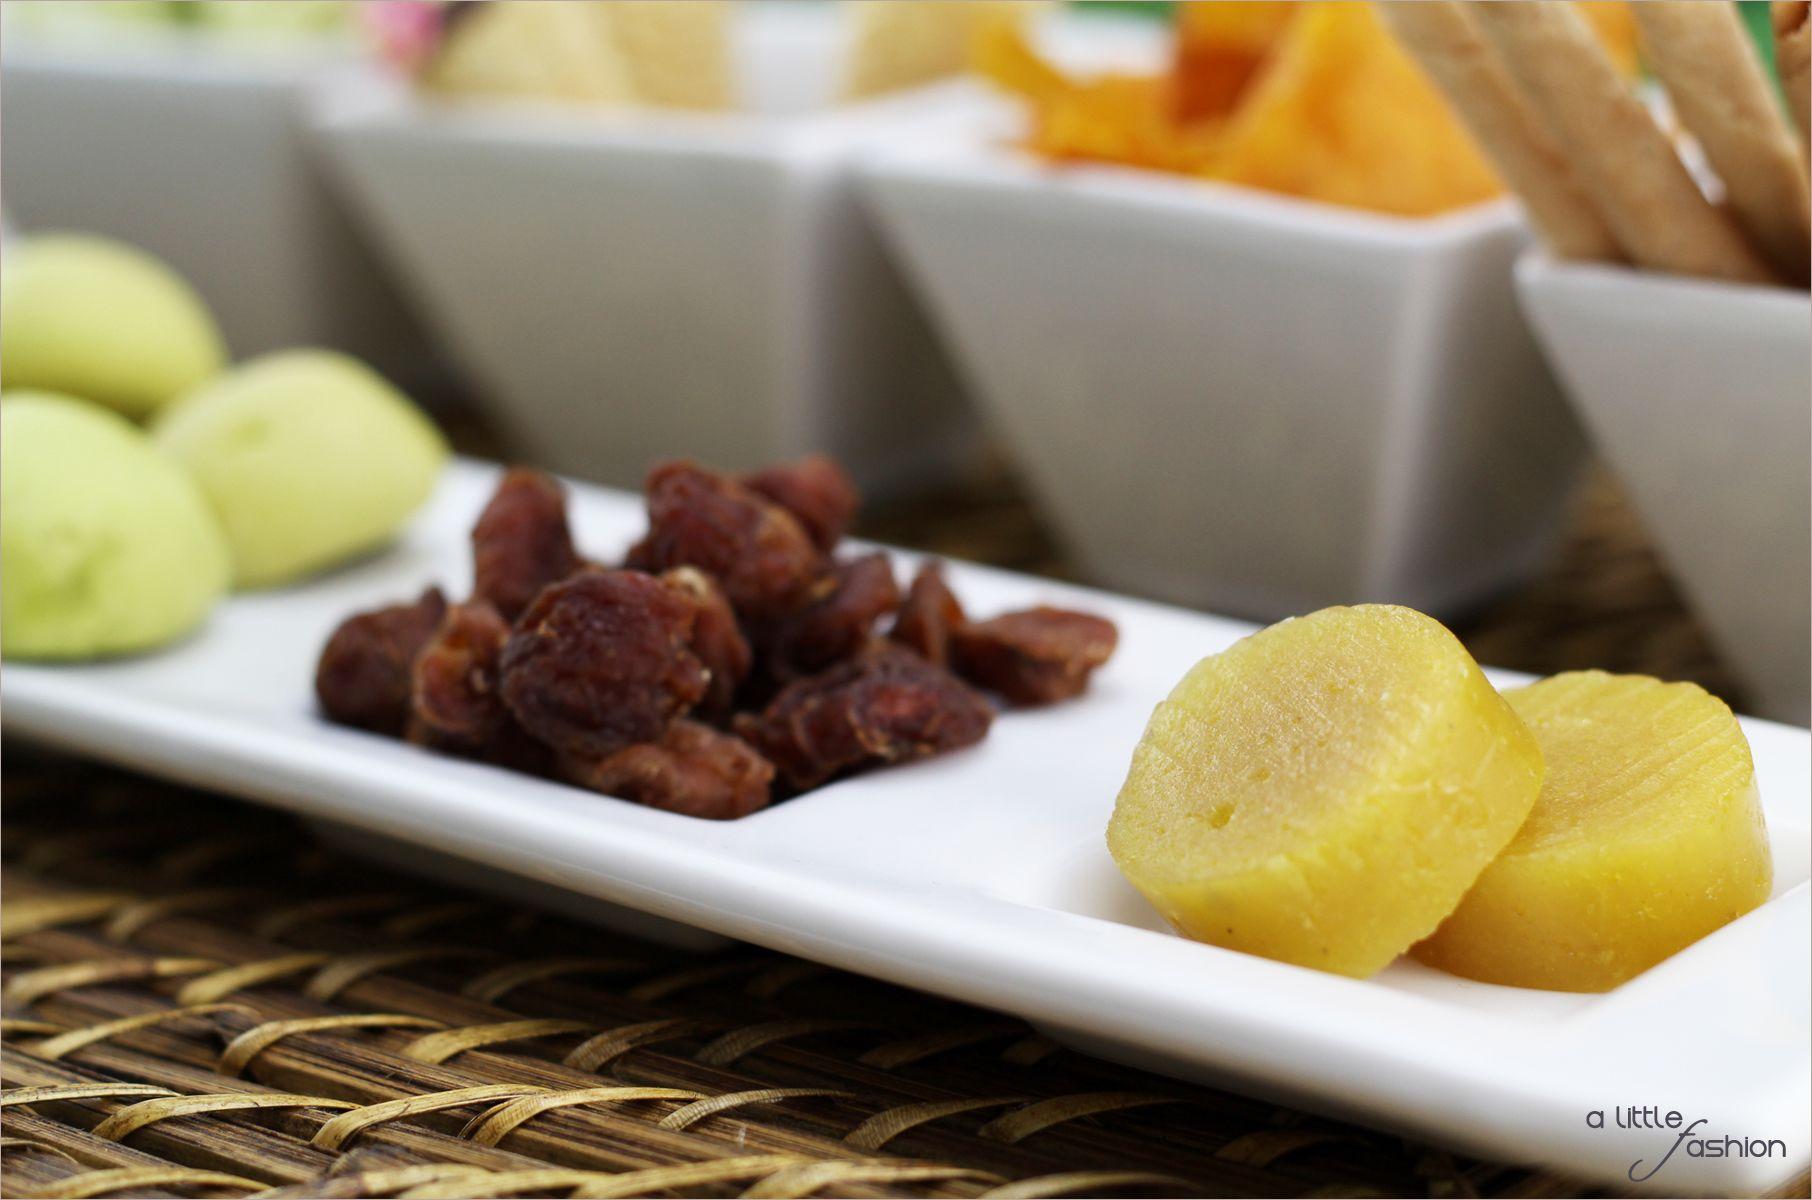 Von Moji und Durian – Einblicke in Thailands Snack-Kultur | A Little Fashion – Das Lifestyle Blogazin #rezept #recipe #kochen #backen #idee #essen #trend #filizity #kuchen #torte #salat #tafel